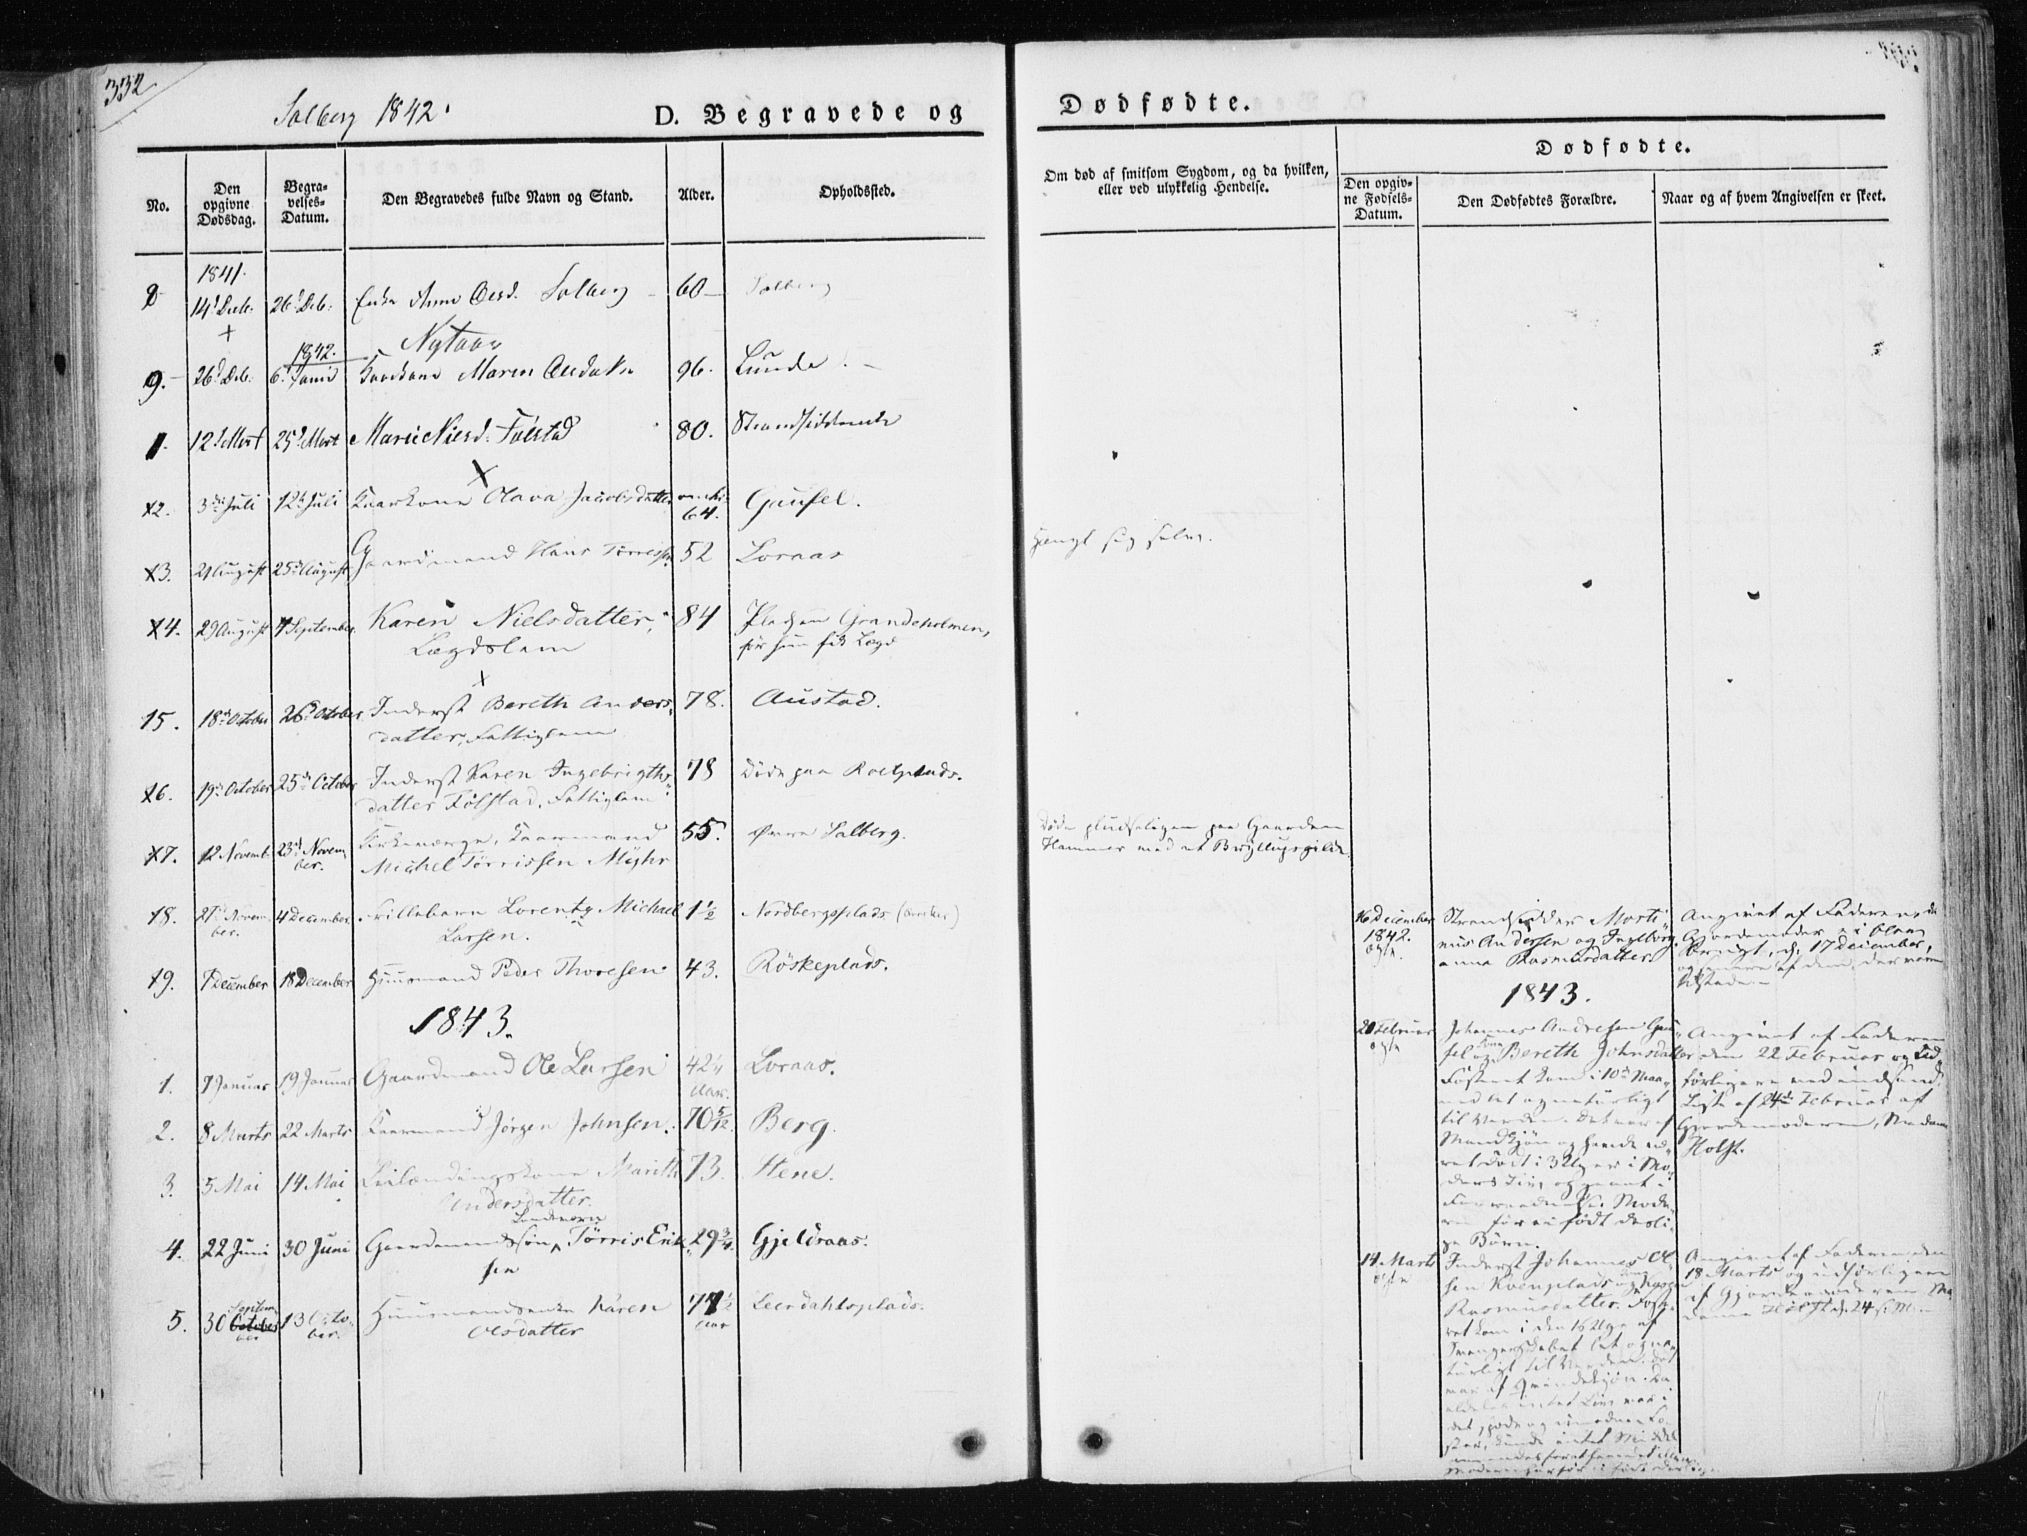 SAT, Ministerialprotokoller, klokkerbøker og fødselsregistre - Nord-Trøndelag, 730/L0280: Ministerialbok nr. 730A07 /2, 1840-1854, s. 322